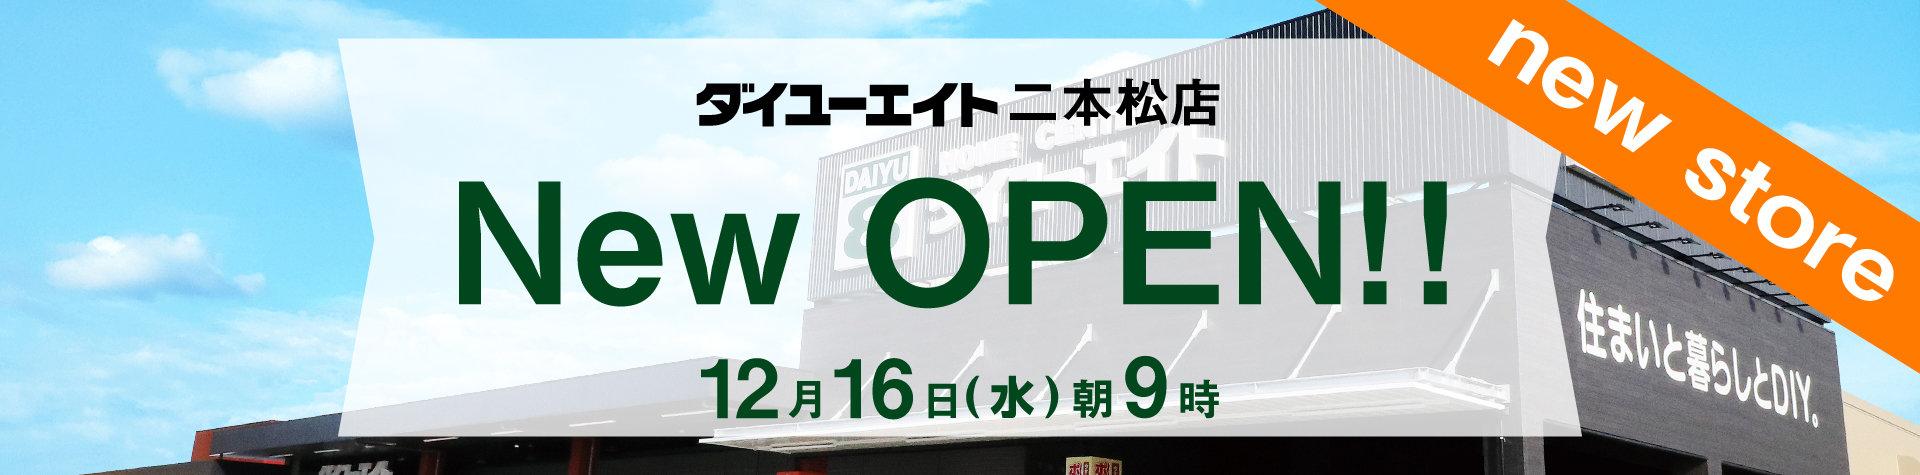 ダイユーエイト二本松店 オープン